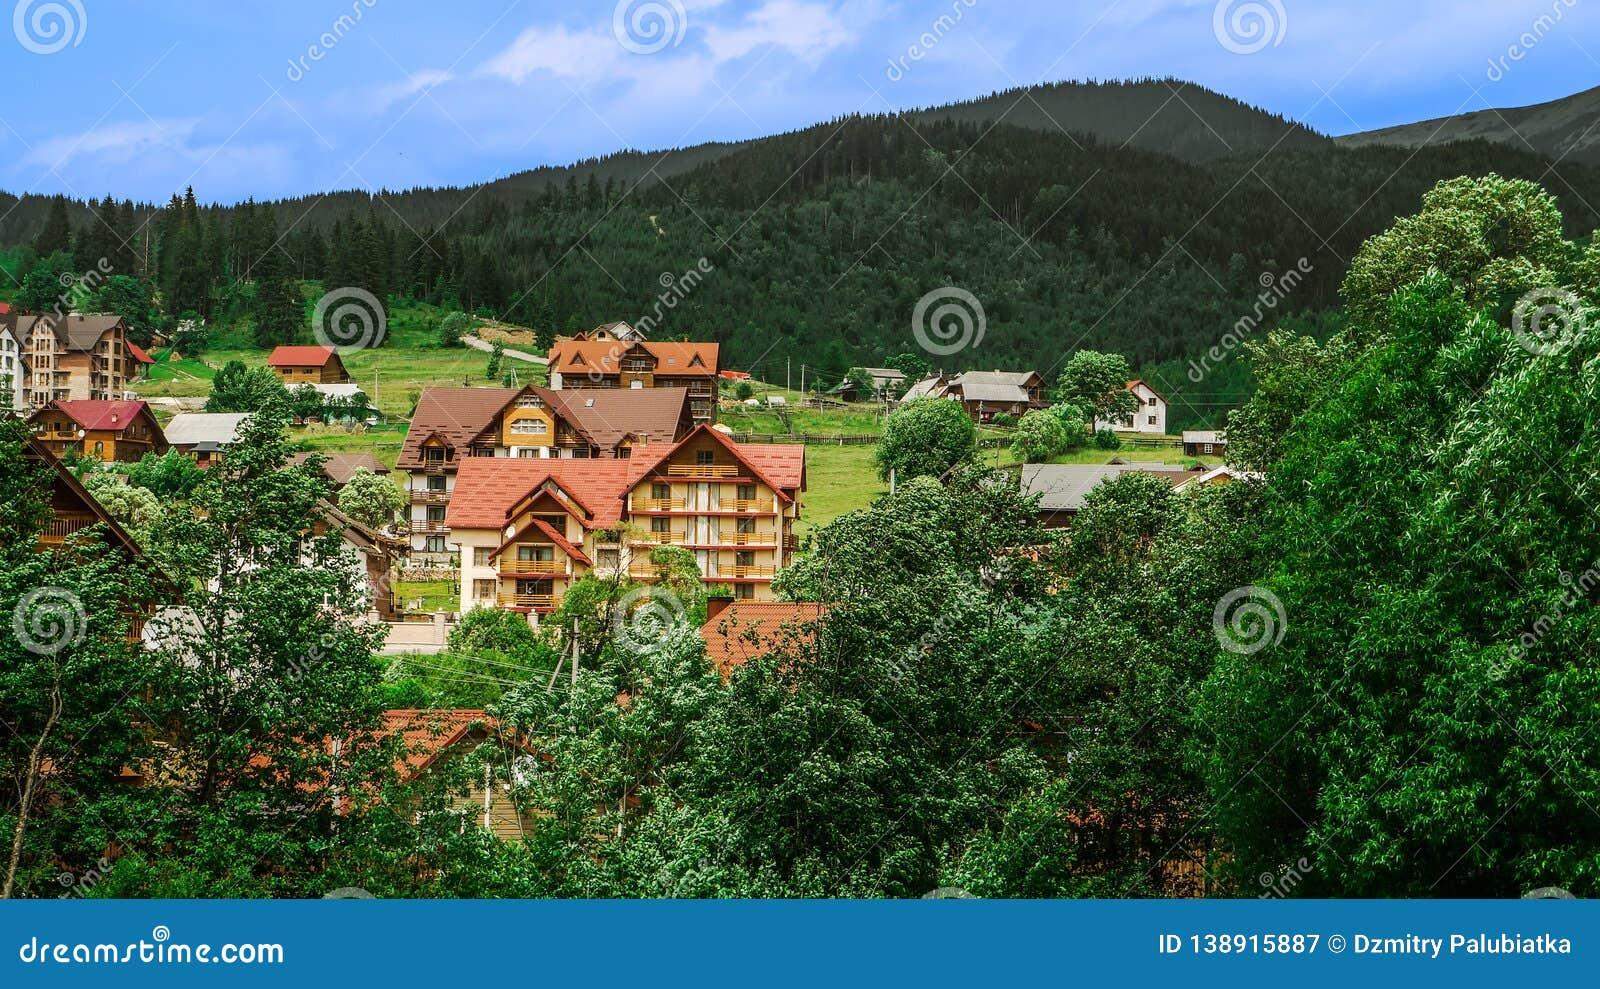 Όμορφο τοπίο, φθινόπωρο τομέων ρυζιού κοντά στο χωριό στα βουνά, ουκρανικά Καρπάθια βουνά